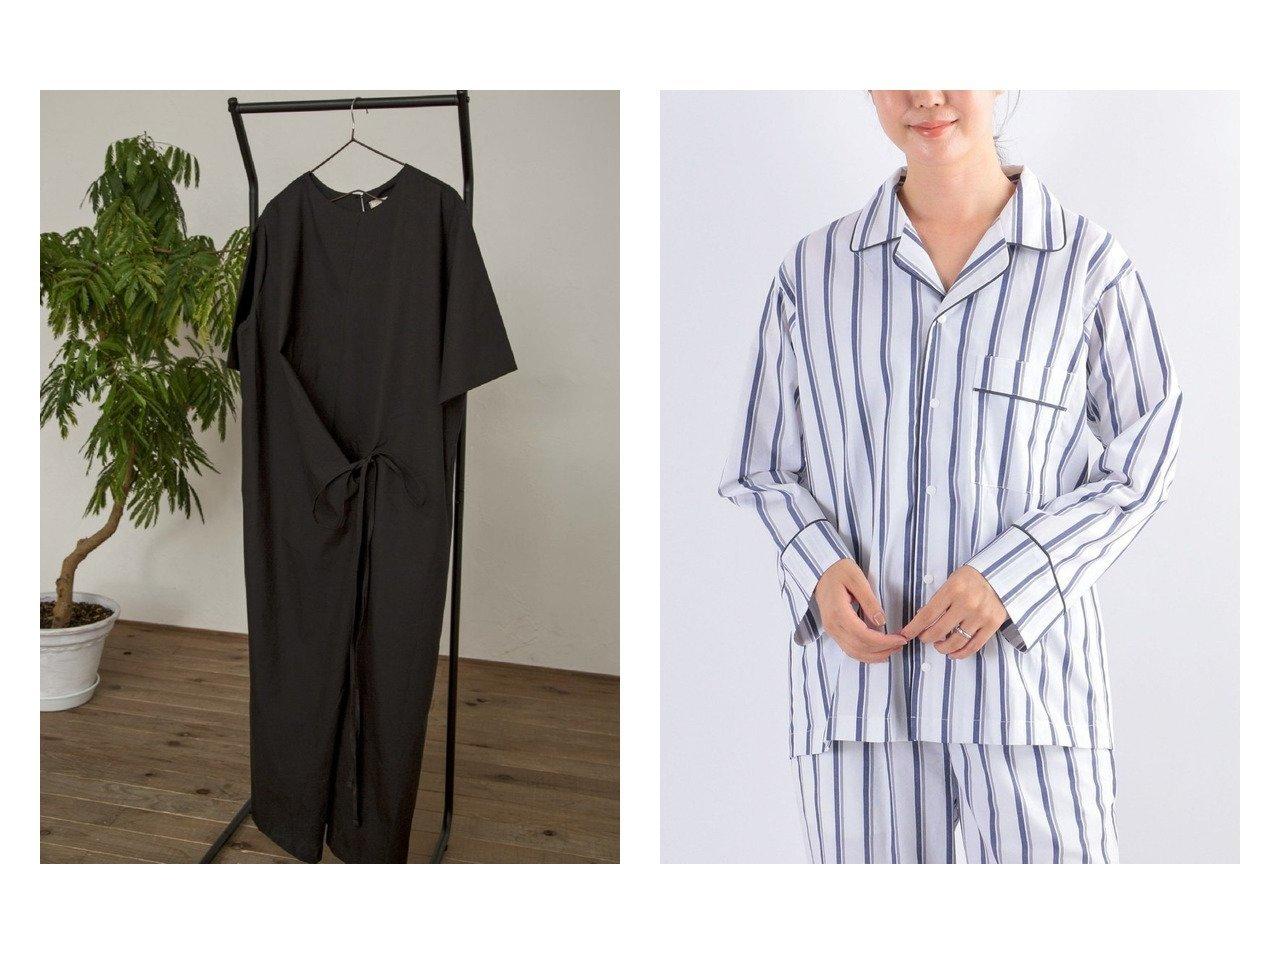 【Kari & lili/カウリアンドリィリィ】のウエストリボンワンピース&【SHIPS any/シップス エニィ】のSHIPS any cozy オープンカラーパジャマシャツ おすすめ!人気、トレンド・レディースファッションの通販  おすすめで人気の流行・トレンド、ファッションの通販商品 インテリア・家具・メンズファッション・キッズファッション・レディースファッション・服の通販 founy(ファニー) https://founy.com/ ファッション Fashion レディースファッション WOMEN ワンピース Dress トップス・カットソー Tops/Tshirt シャツ/ブラウス Shirts/Blouses おすすめ Recommend デニム リボン 半袖 インナー 抗菌 シンプル ストライプ ドット なめらか パイピング パジャマ パターン フロント ブロード プリント メンズ リラックス ワーク NEW・新作・新着・新入荷 New Arrivals お家時間・ステイホーム Home Time/Stay Home |ID:crp329100000062254